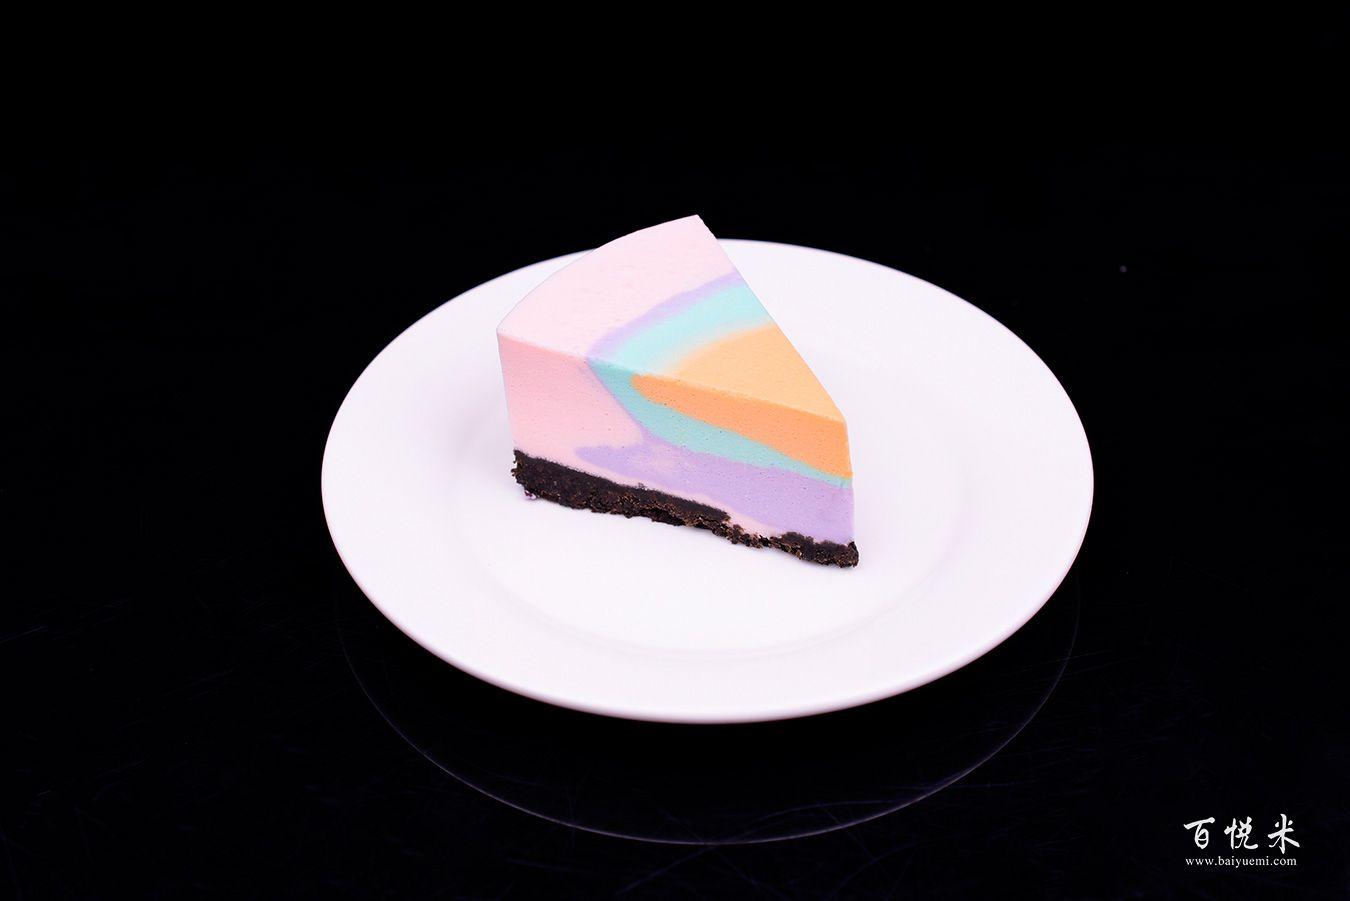 彩虹慕斯蛋糕高清图片大全【蛋糕图片】_668